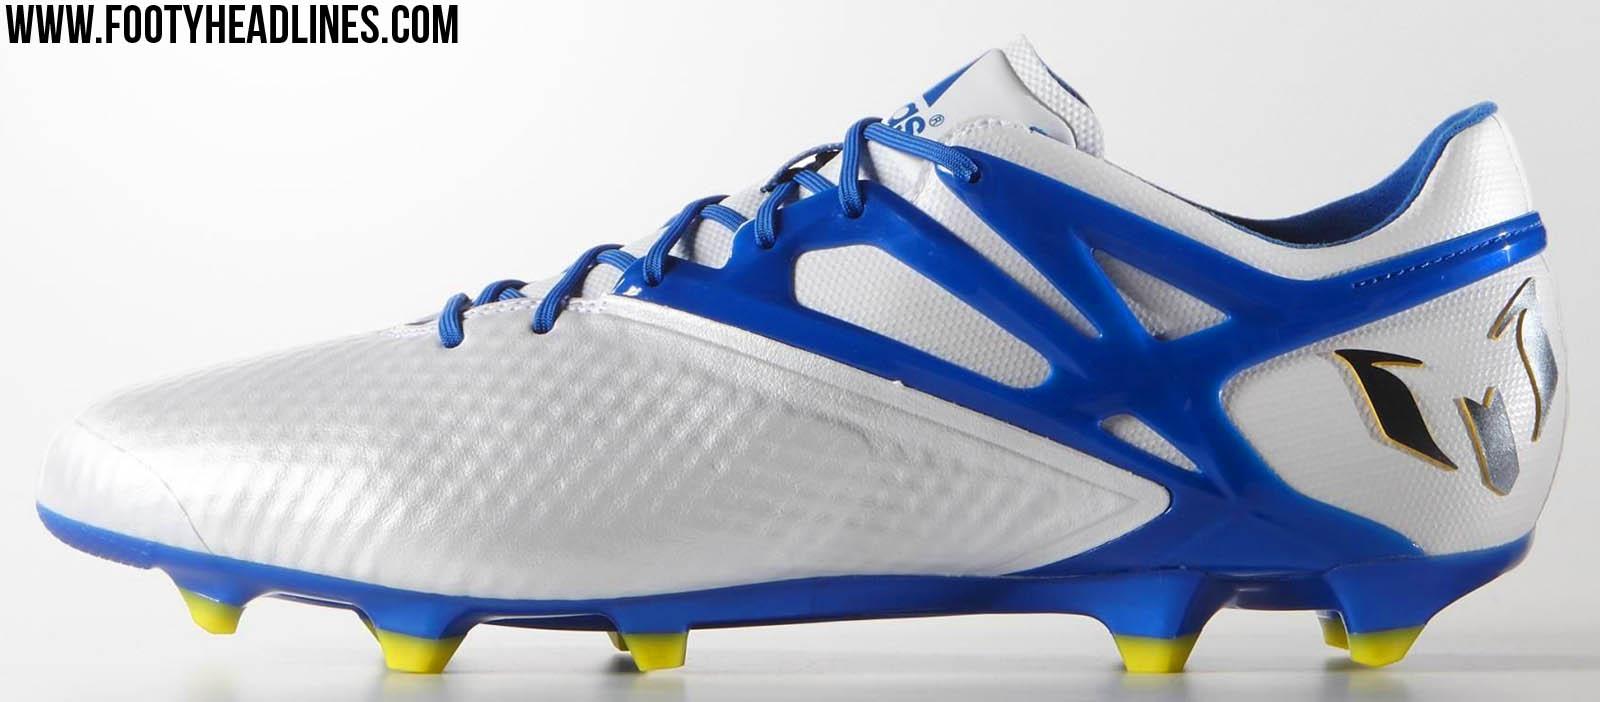 adidas messi boots 2015  2629f3f14